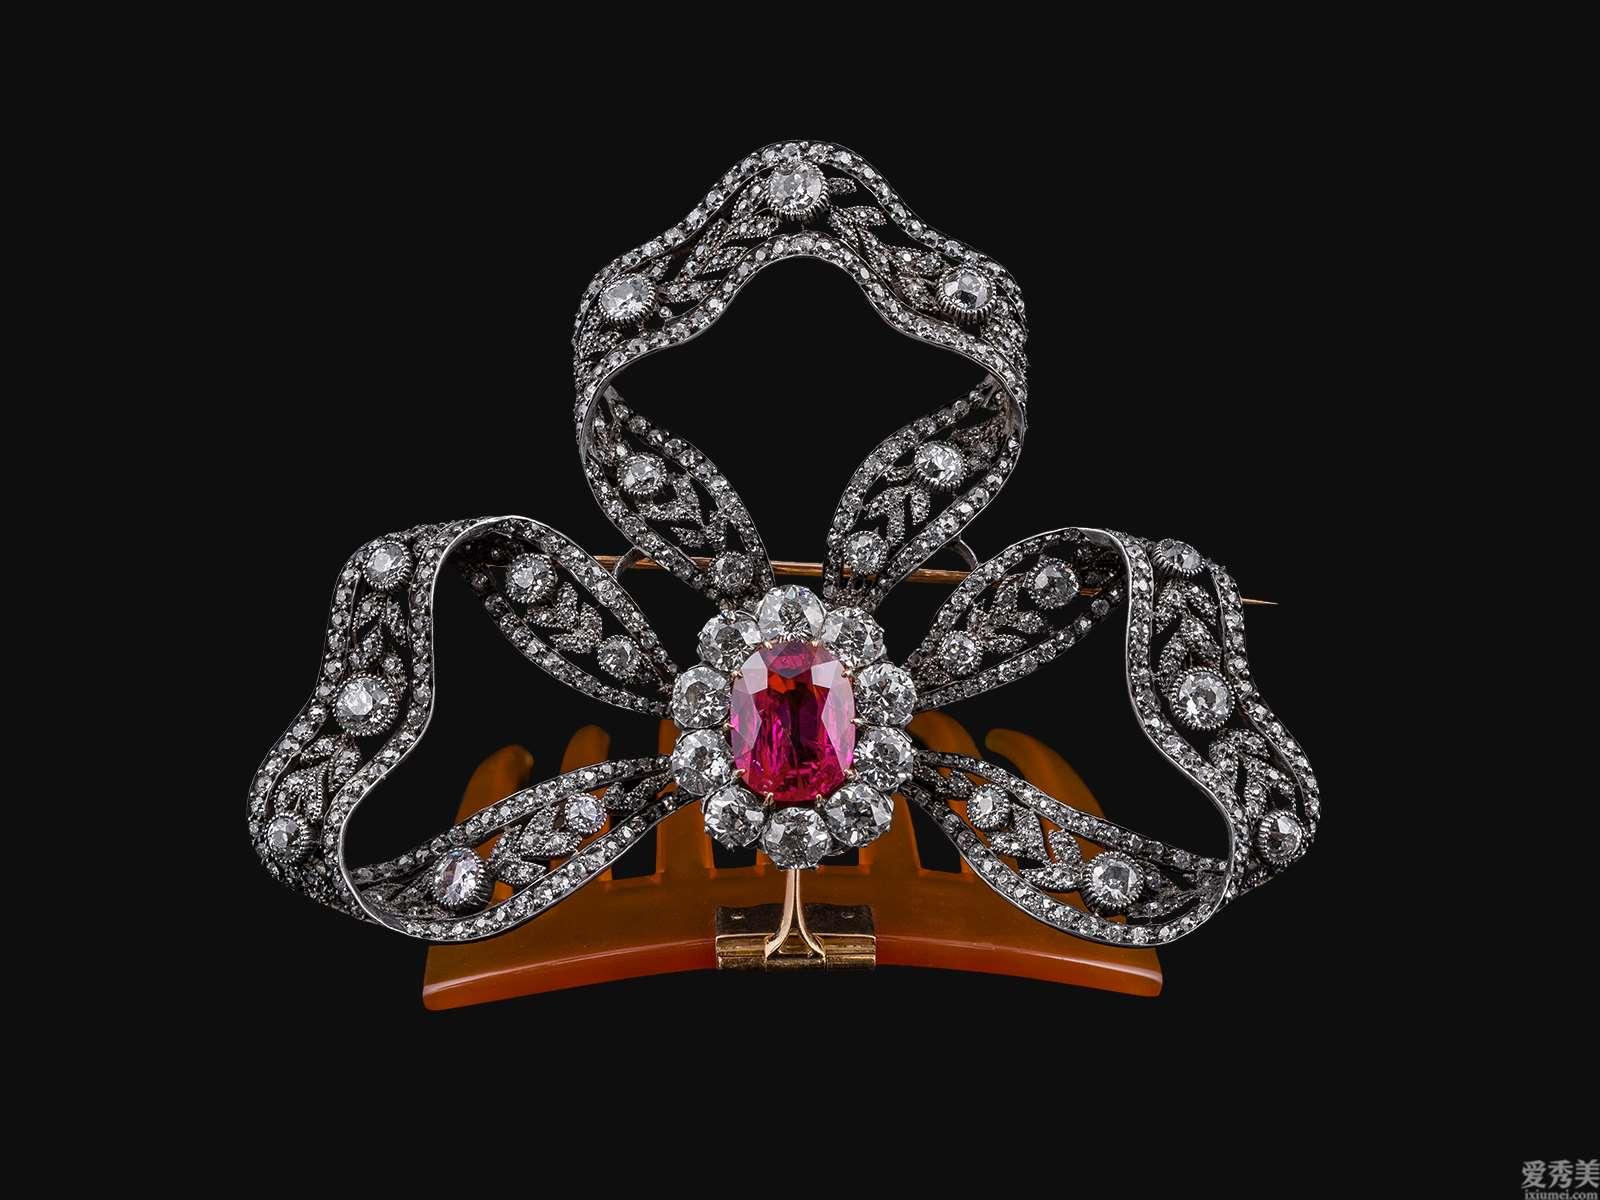 欧洲宫廷珠宝饰品产品系列之四:冠冕